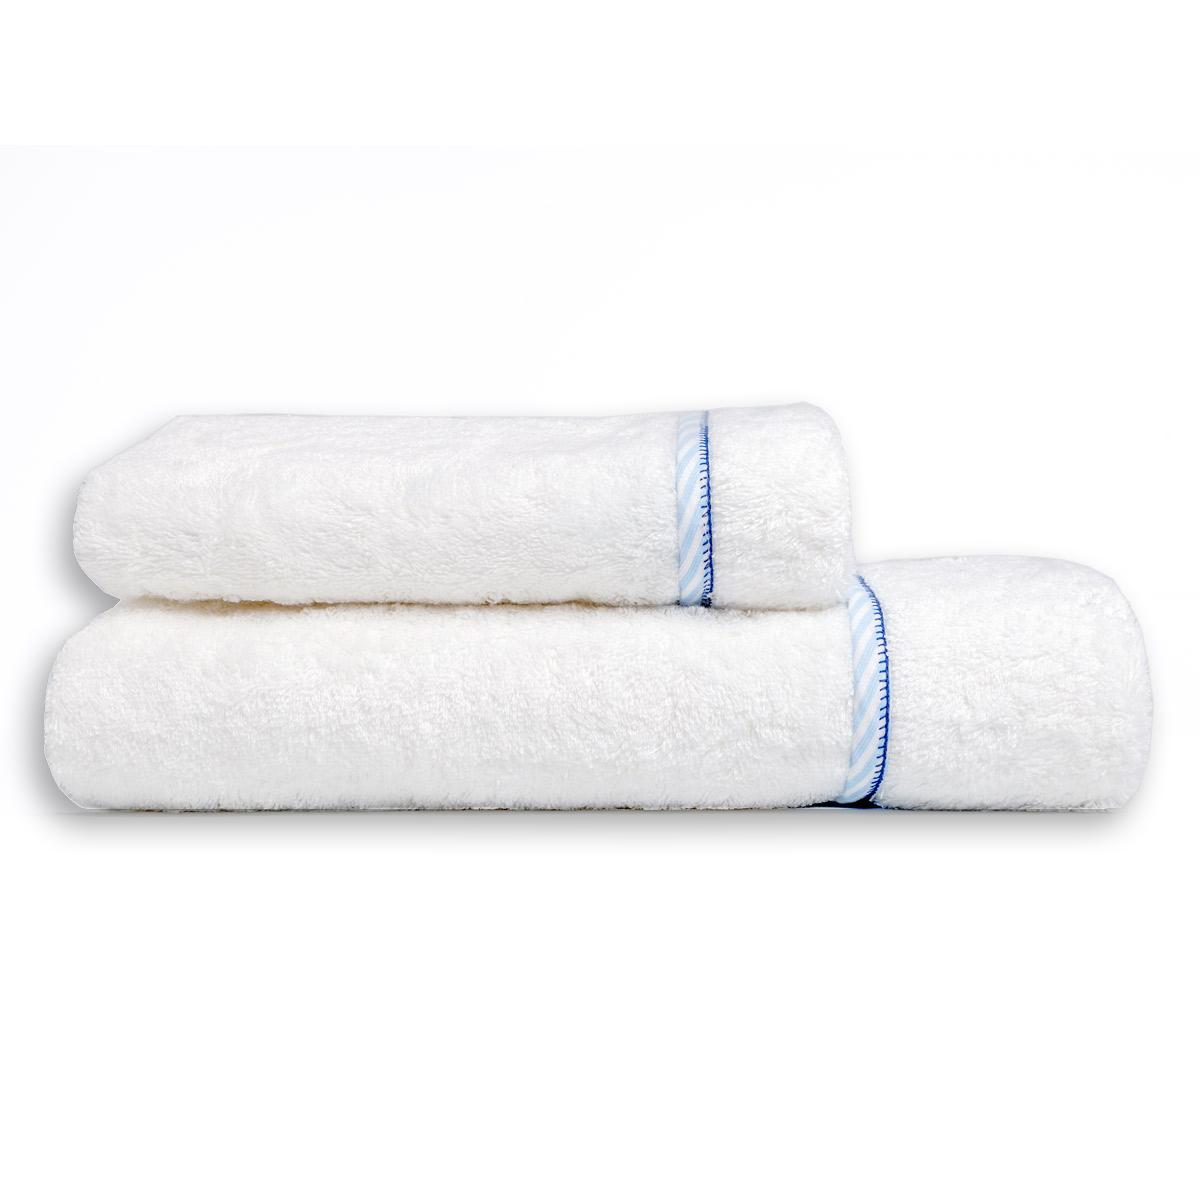 Βρεφικές Πετσέτες (Σετ 2τμχ) Mother Touch Colette Blue